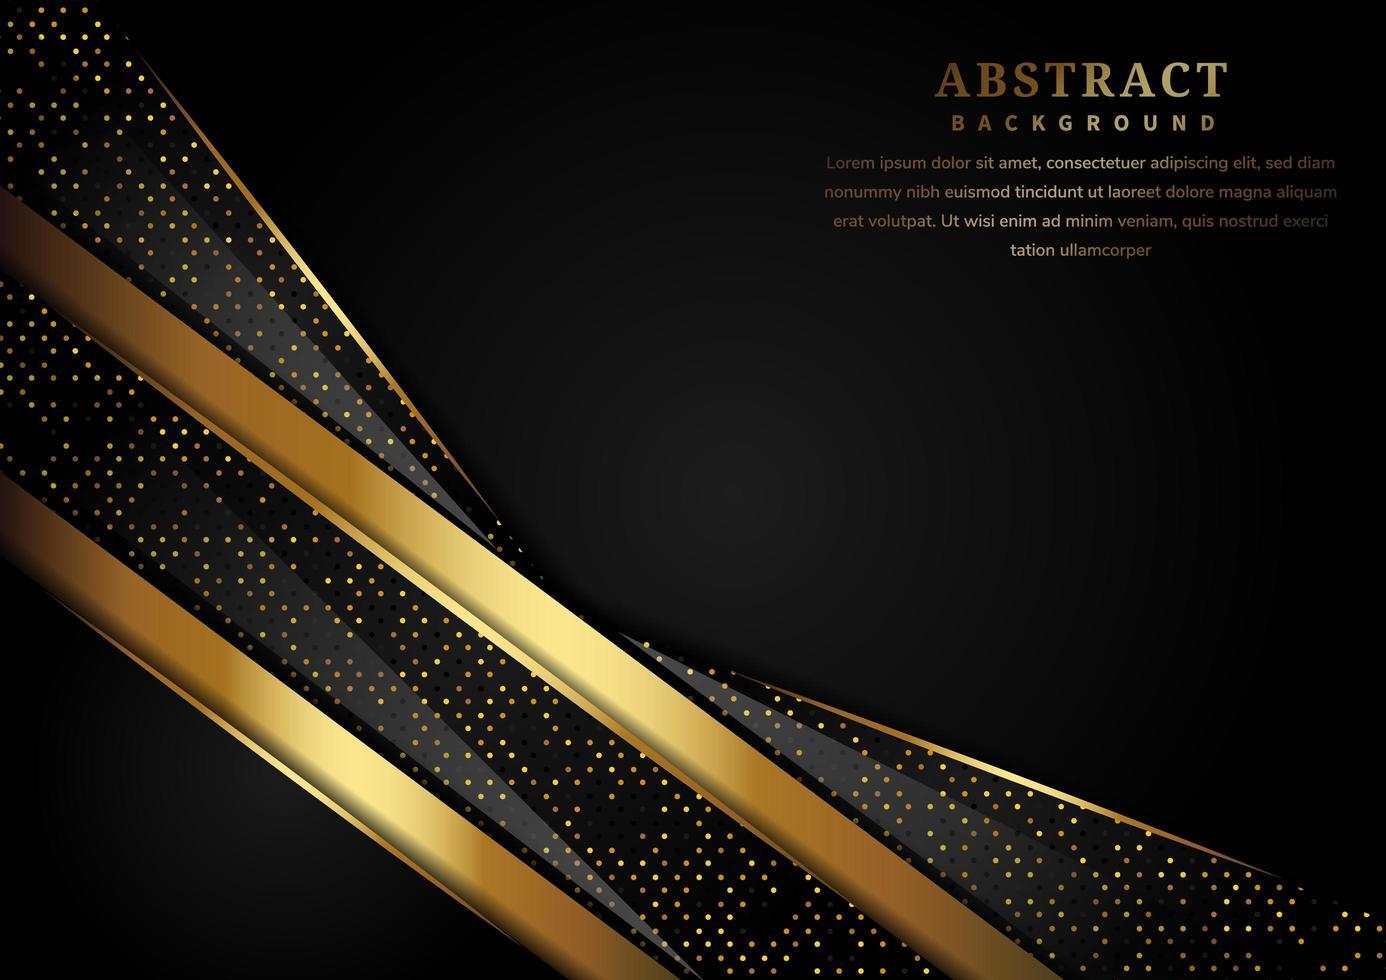 abstrakt lyx överlappande guld och svart glittrande lager bakgrund vektor